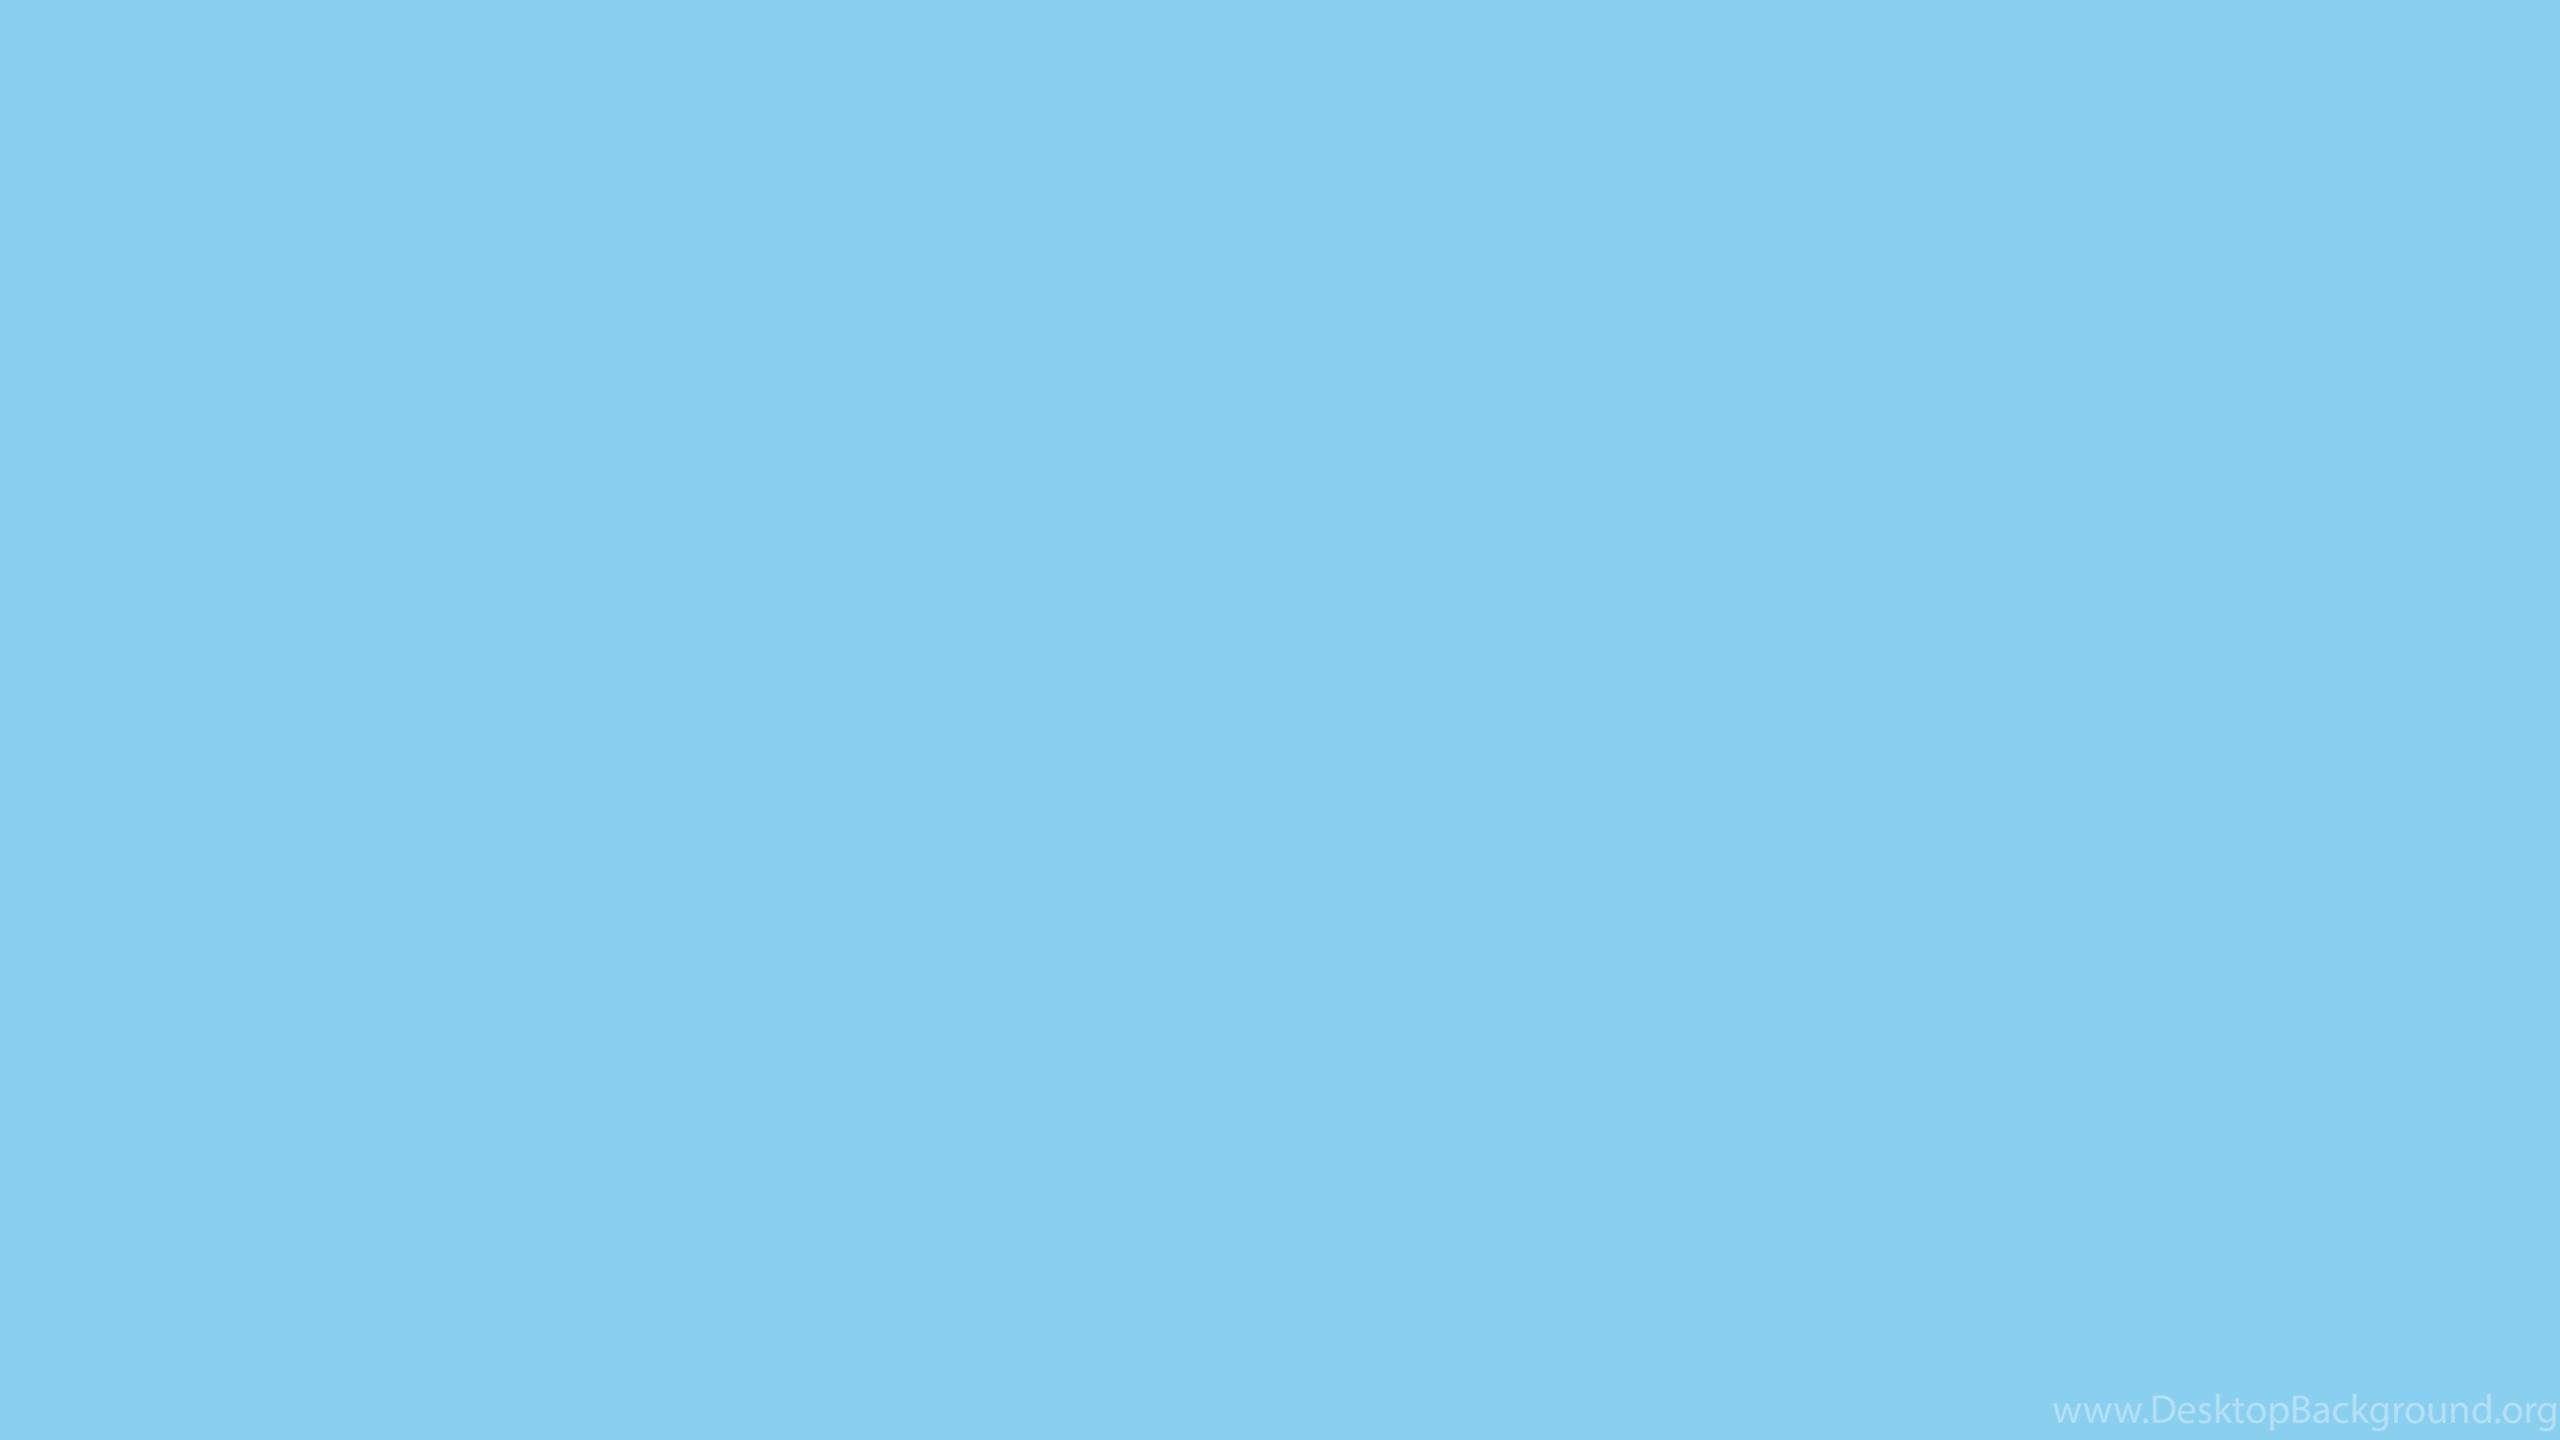 2560x1440 baby blue solid color background jpg Desktop